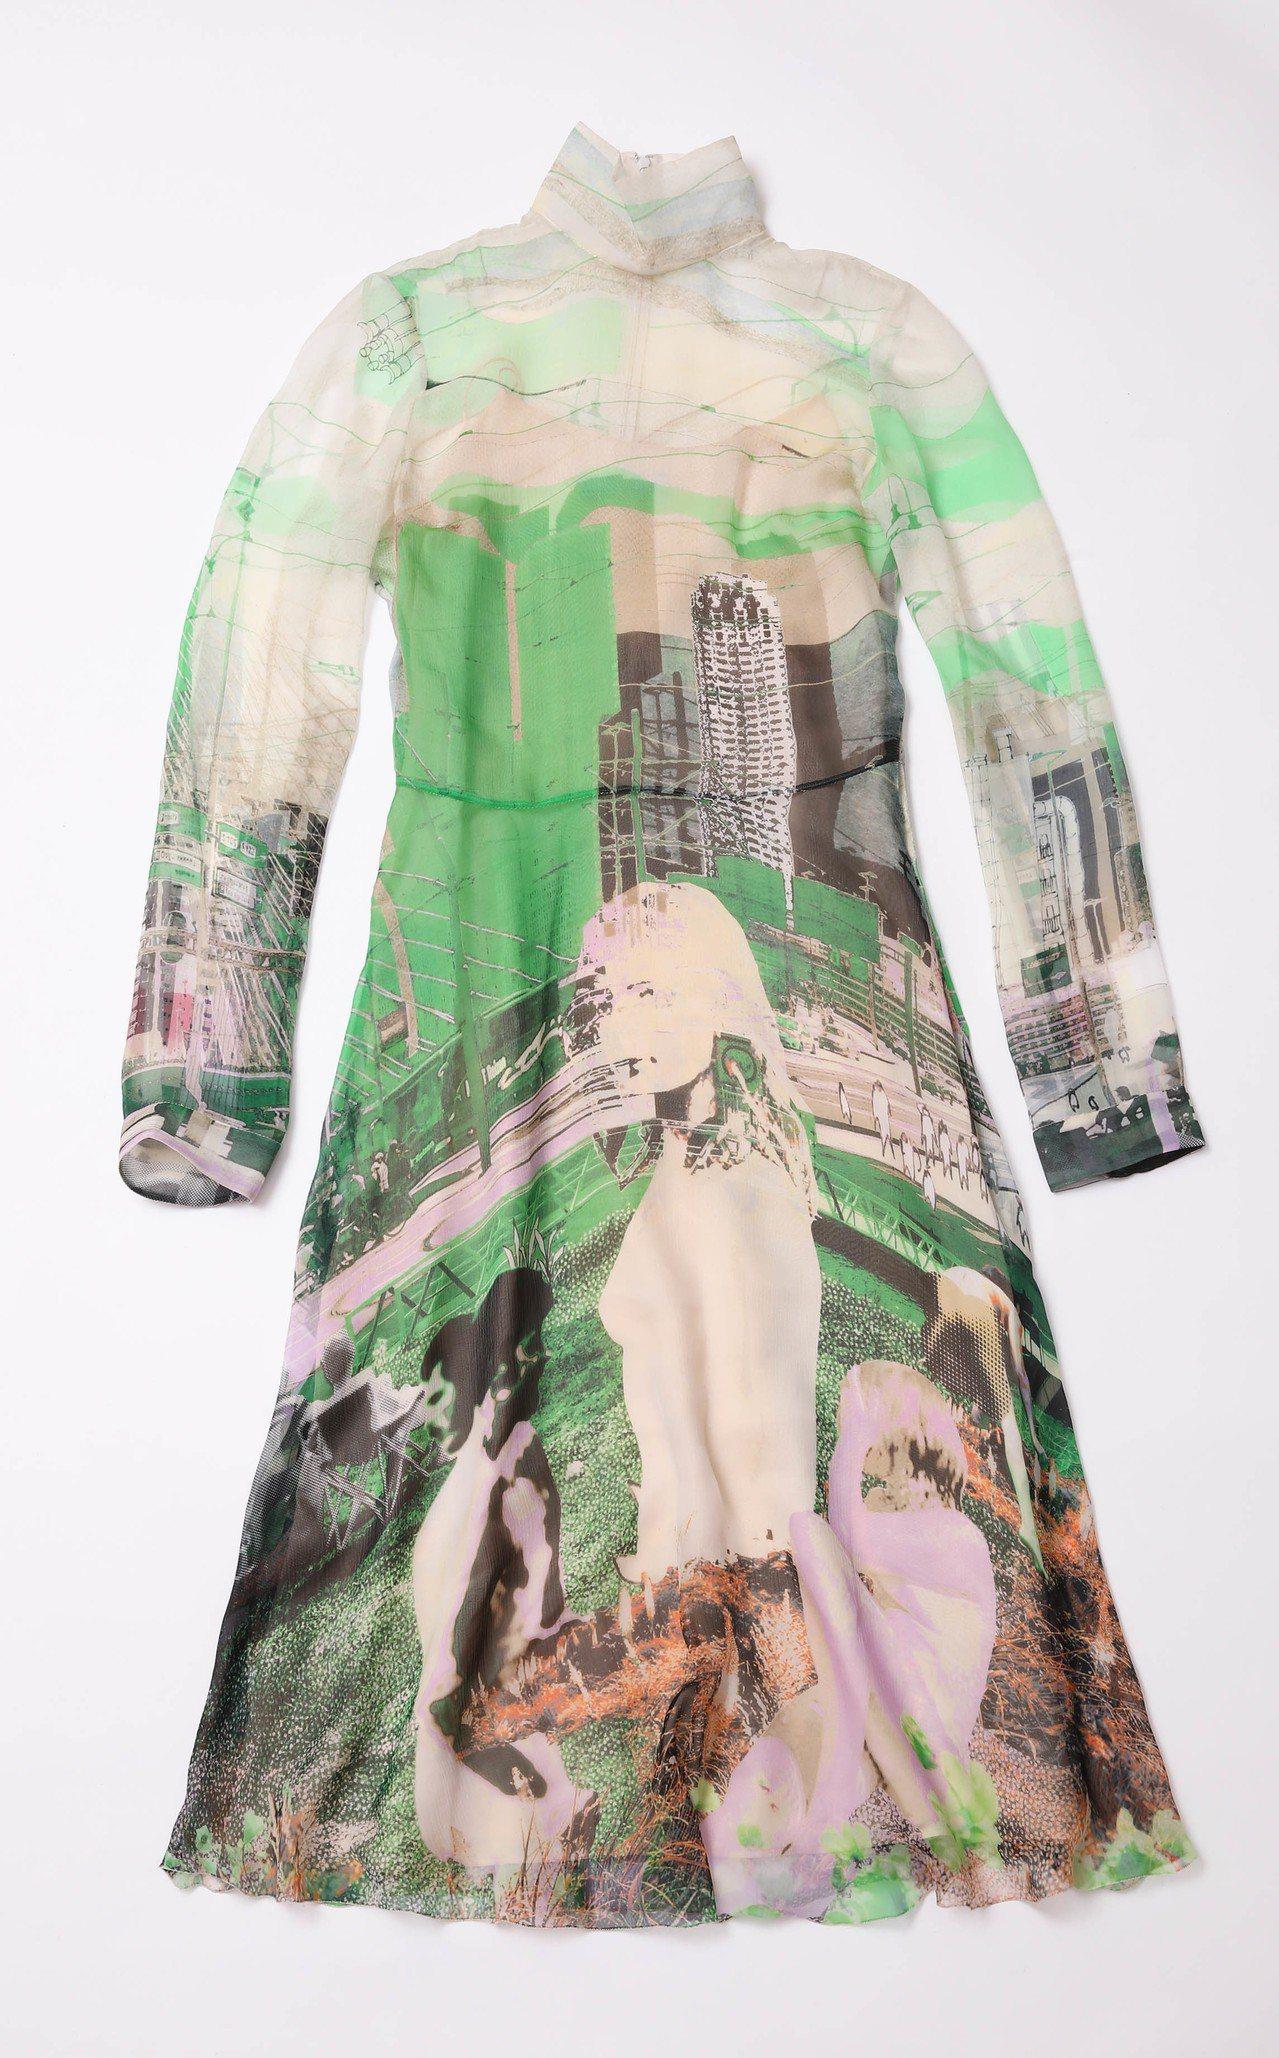 台灣獨家、台中大遠百獨家城市剪影系列雪紡洋裝,82,000元。圖/PRADA提供